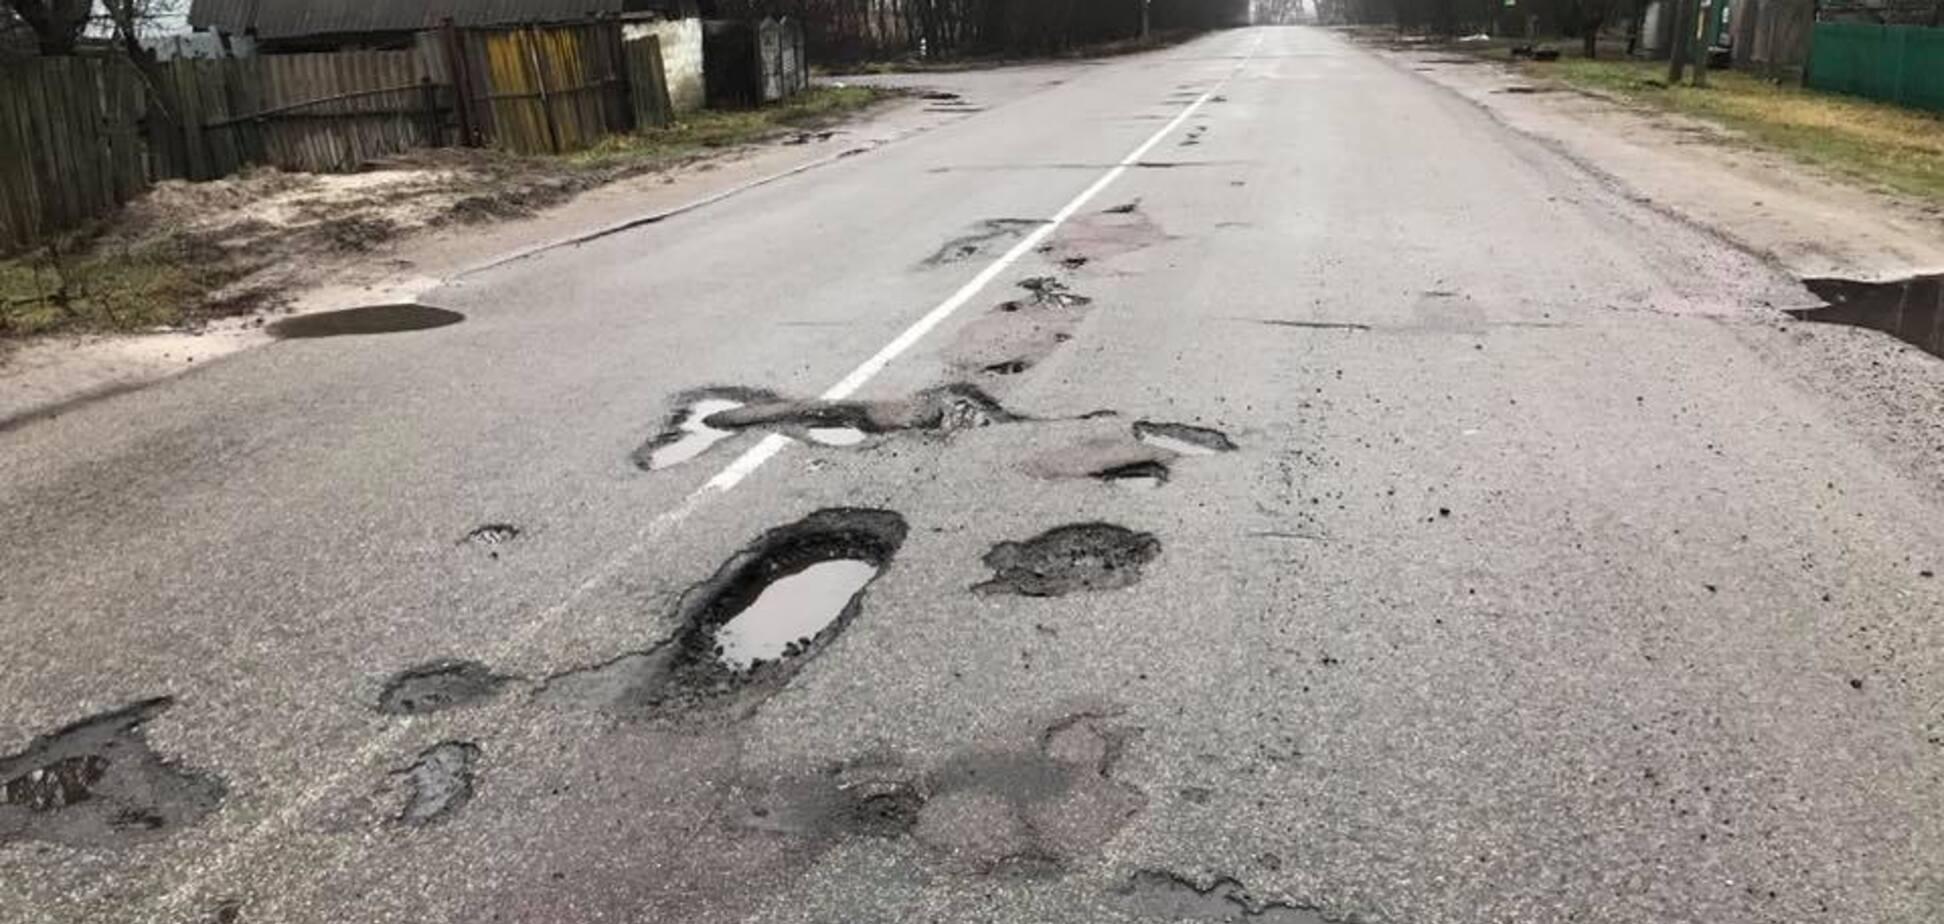 В Раде подняли скандал из-за жуткой дороги под Киевом: ответ местных властей